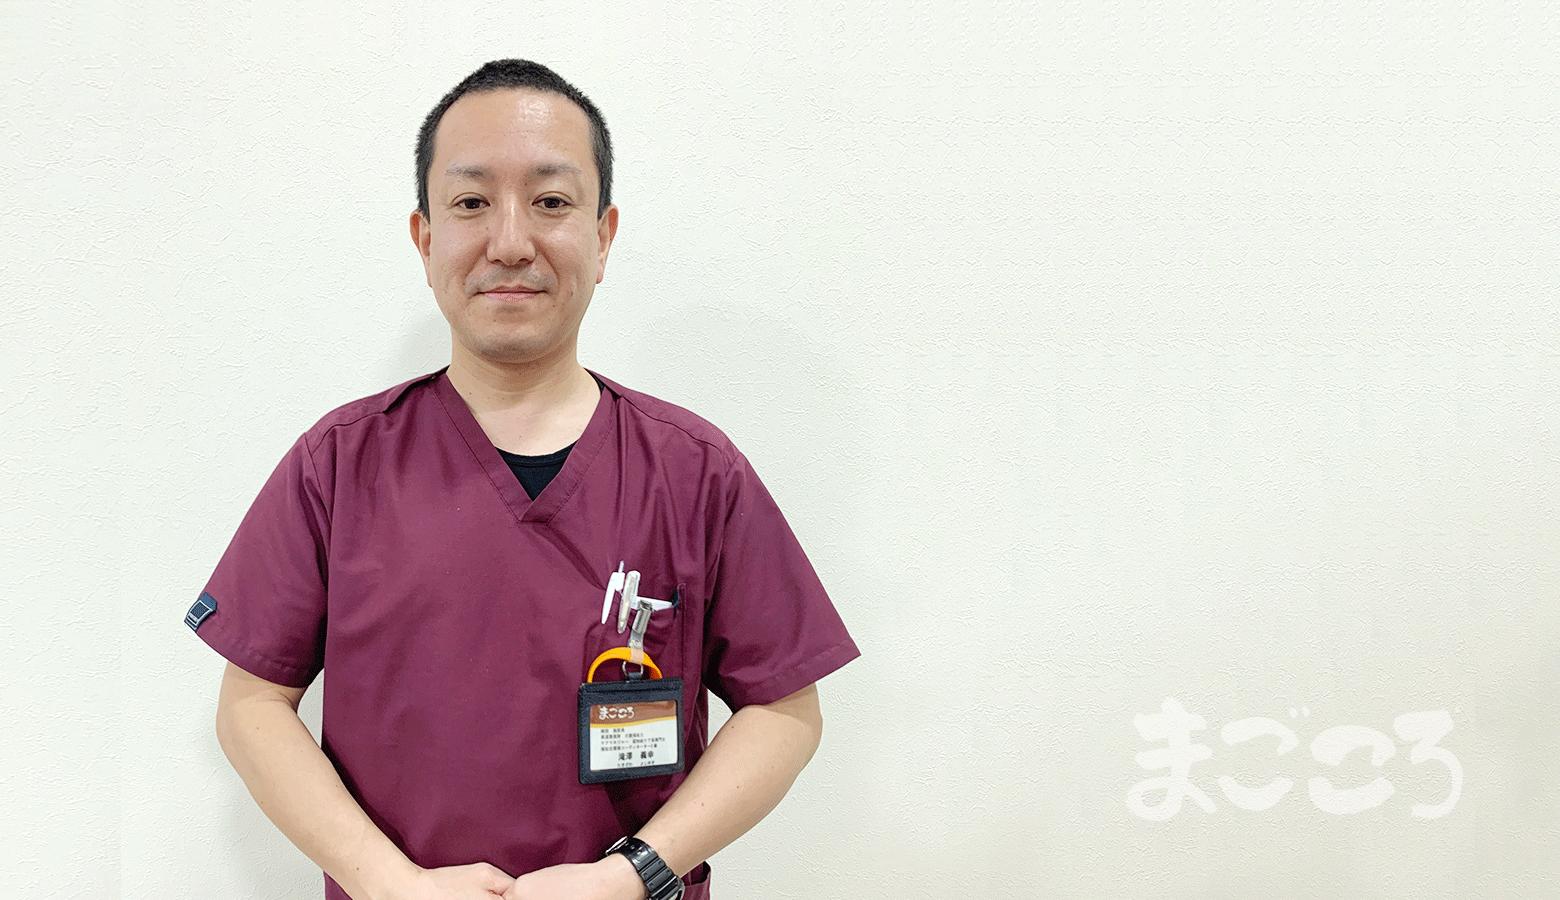 リハビリ専門デイサービス  まごころ石山 施設長ご挨拶のイメージ